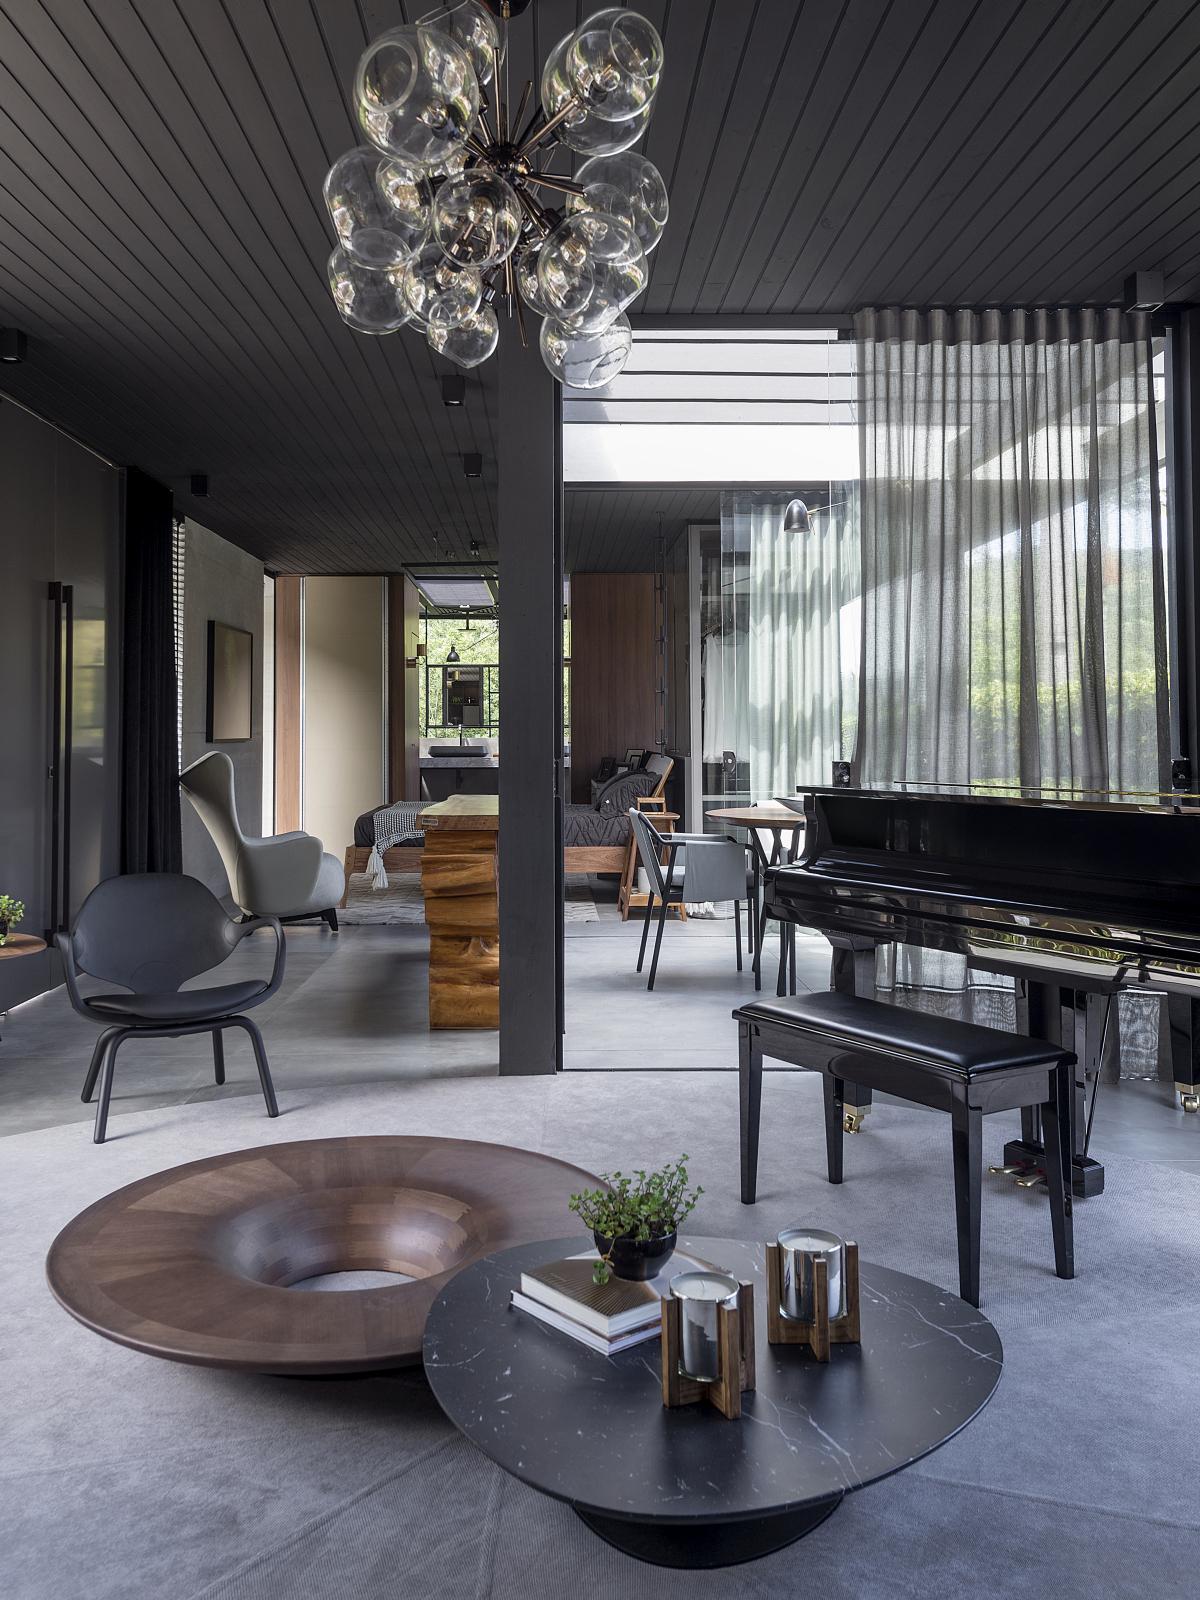 Casa Grigio, pela arquiteta Cris Passing - Foto/Lio Simas